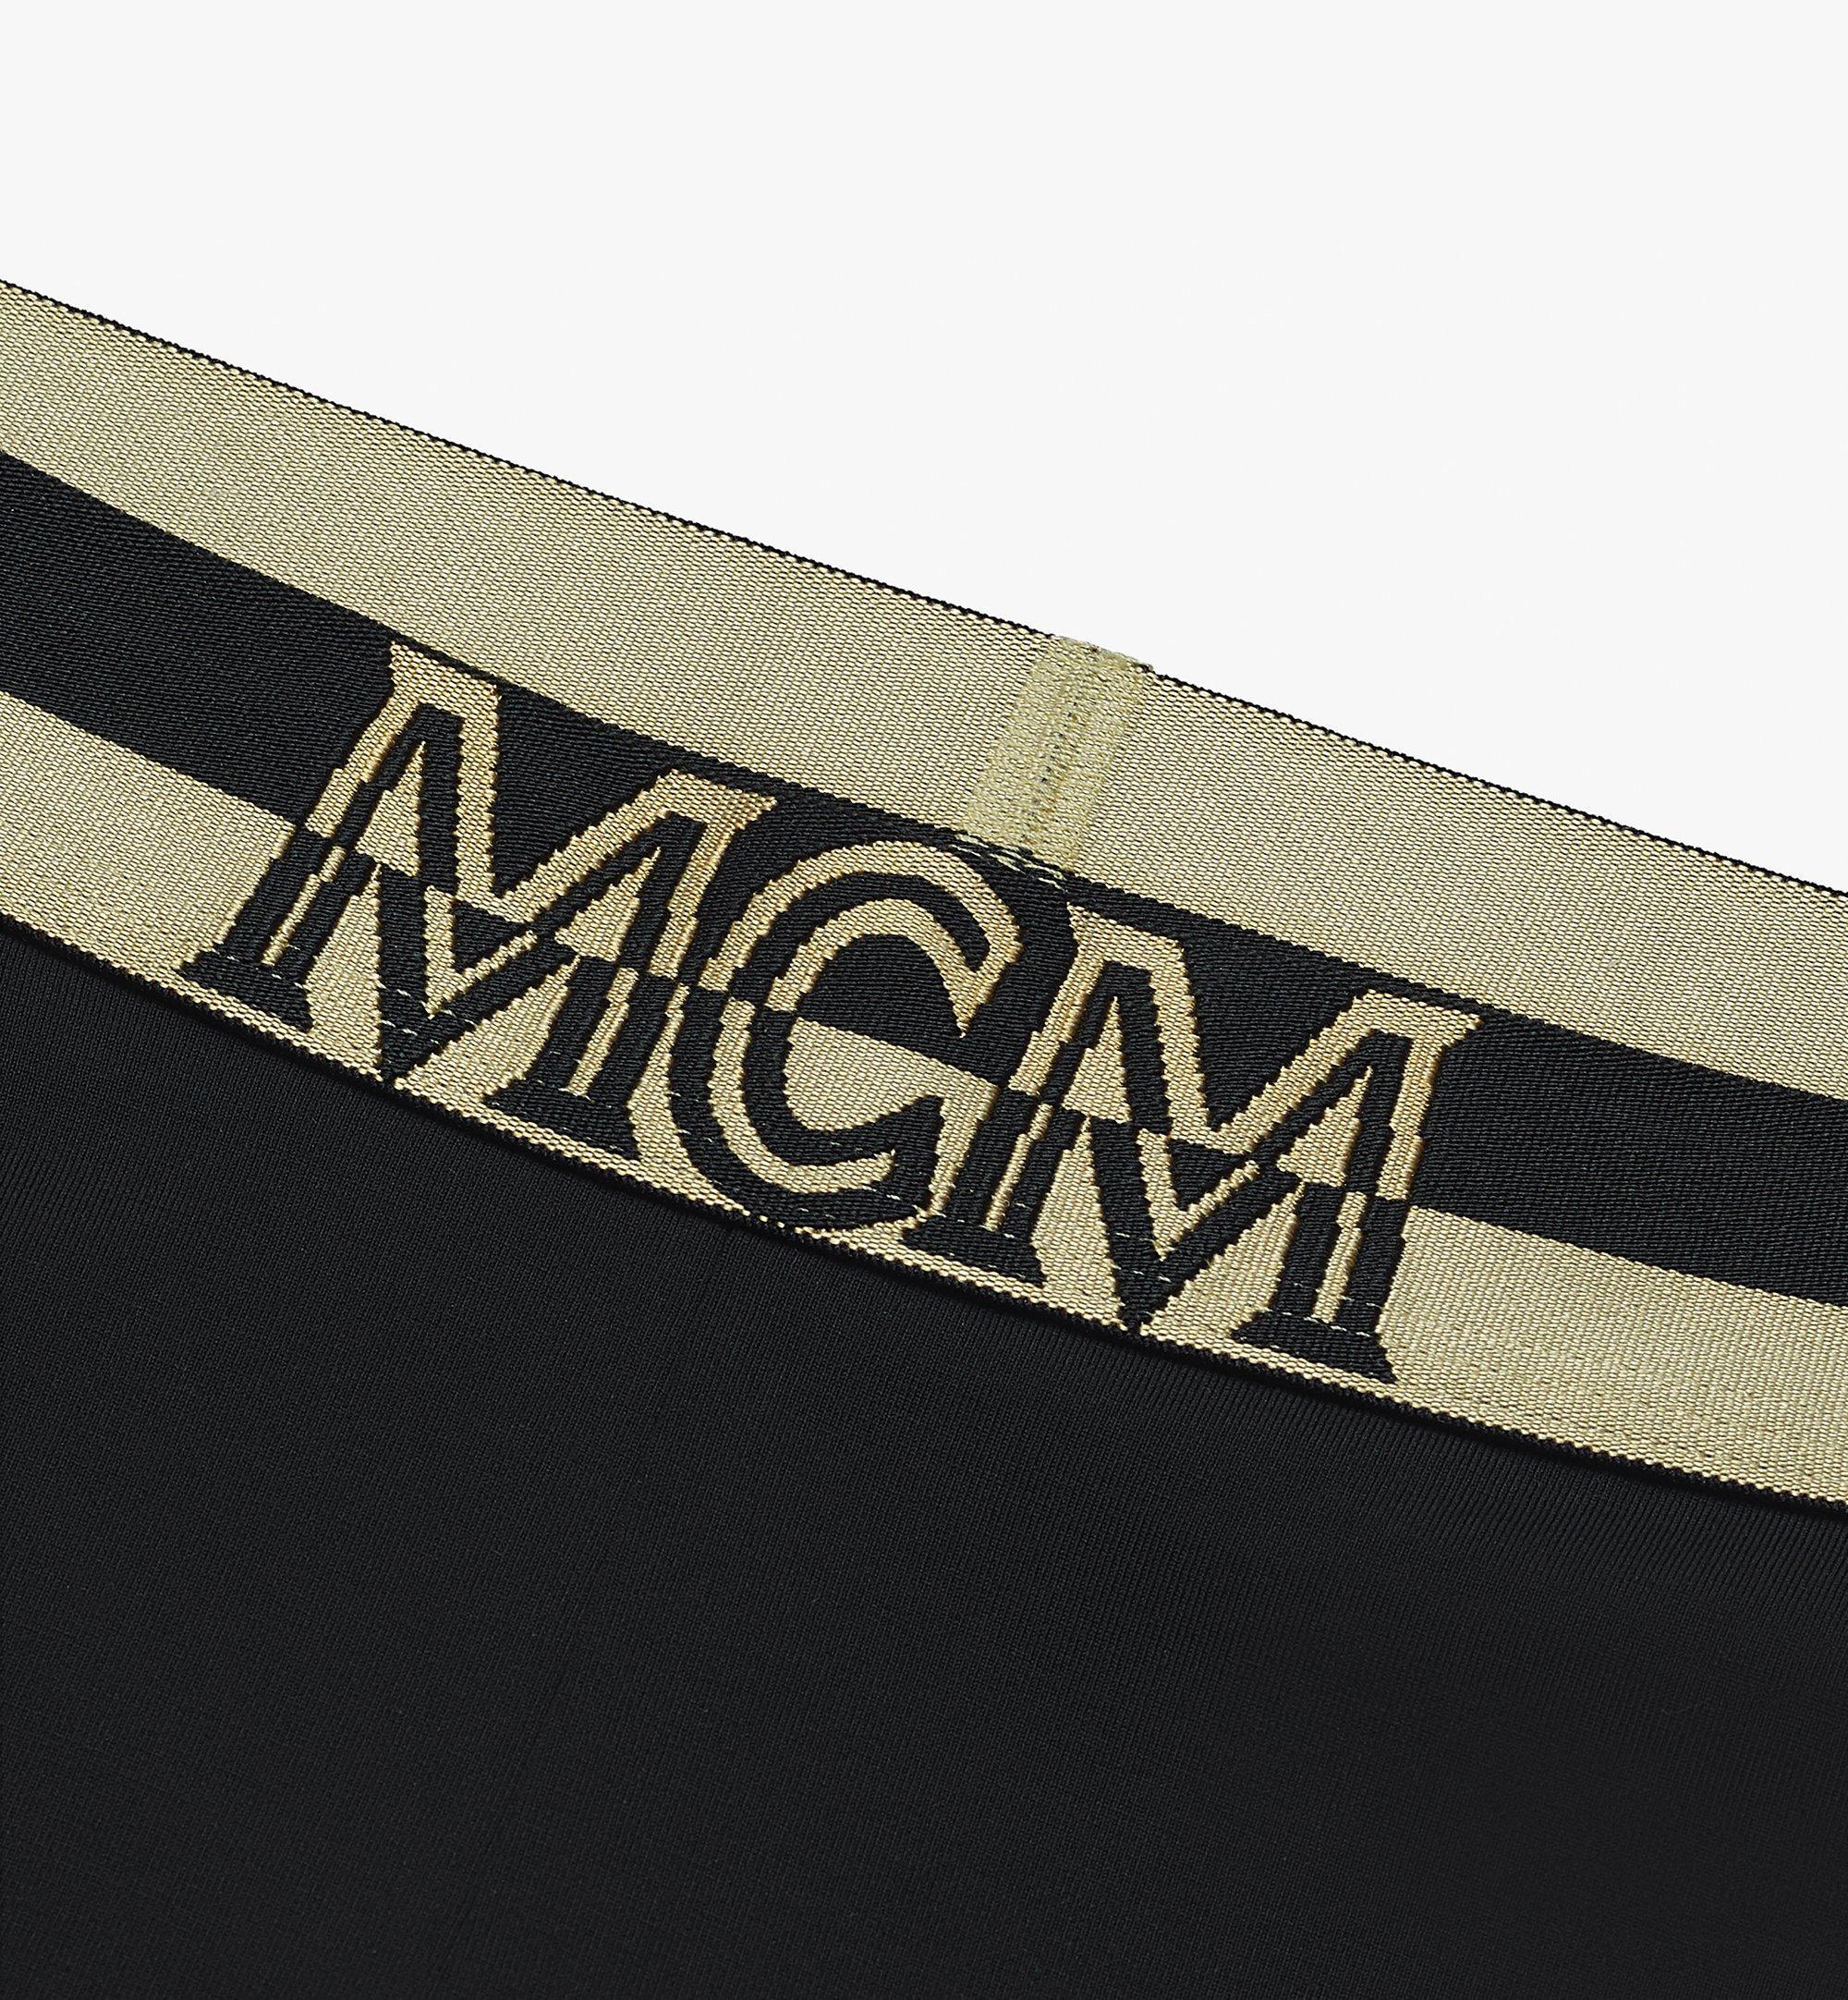 MCM 女士 1976 緊身褲 Black MFPASBM01BK00L 更多視圖 2